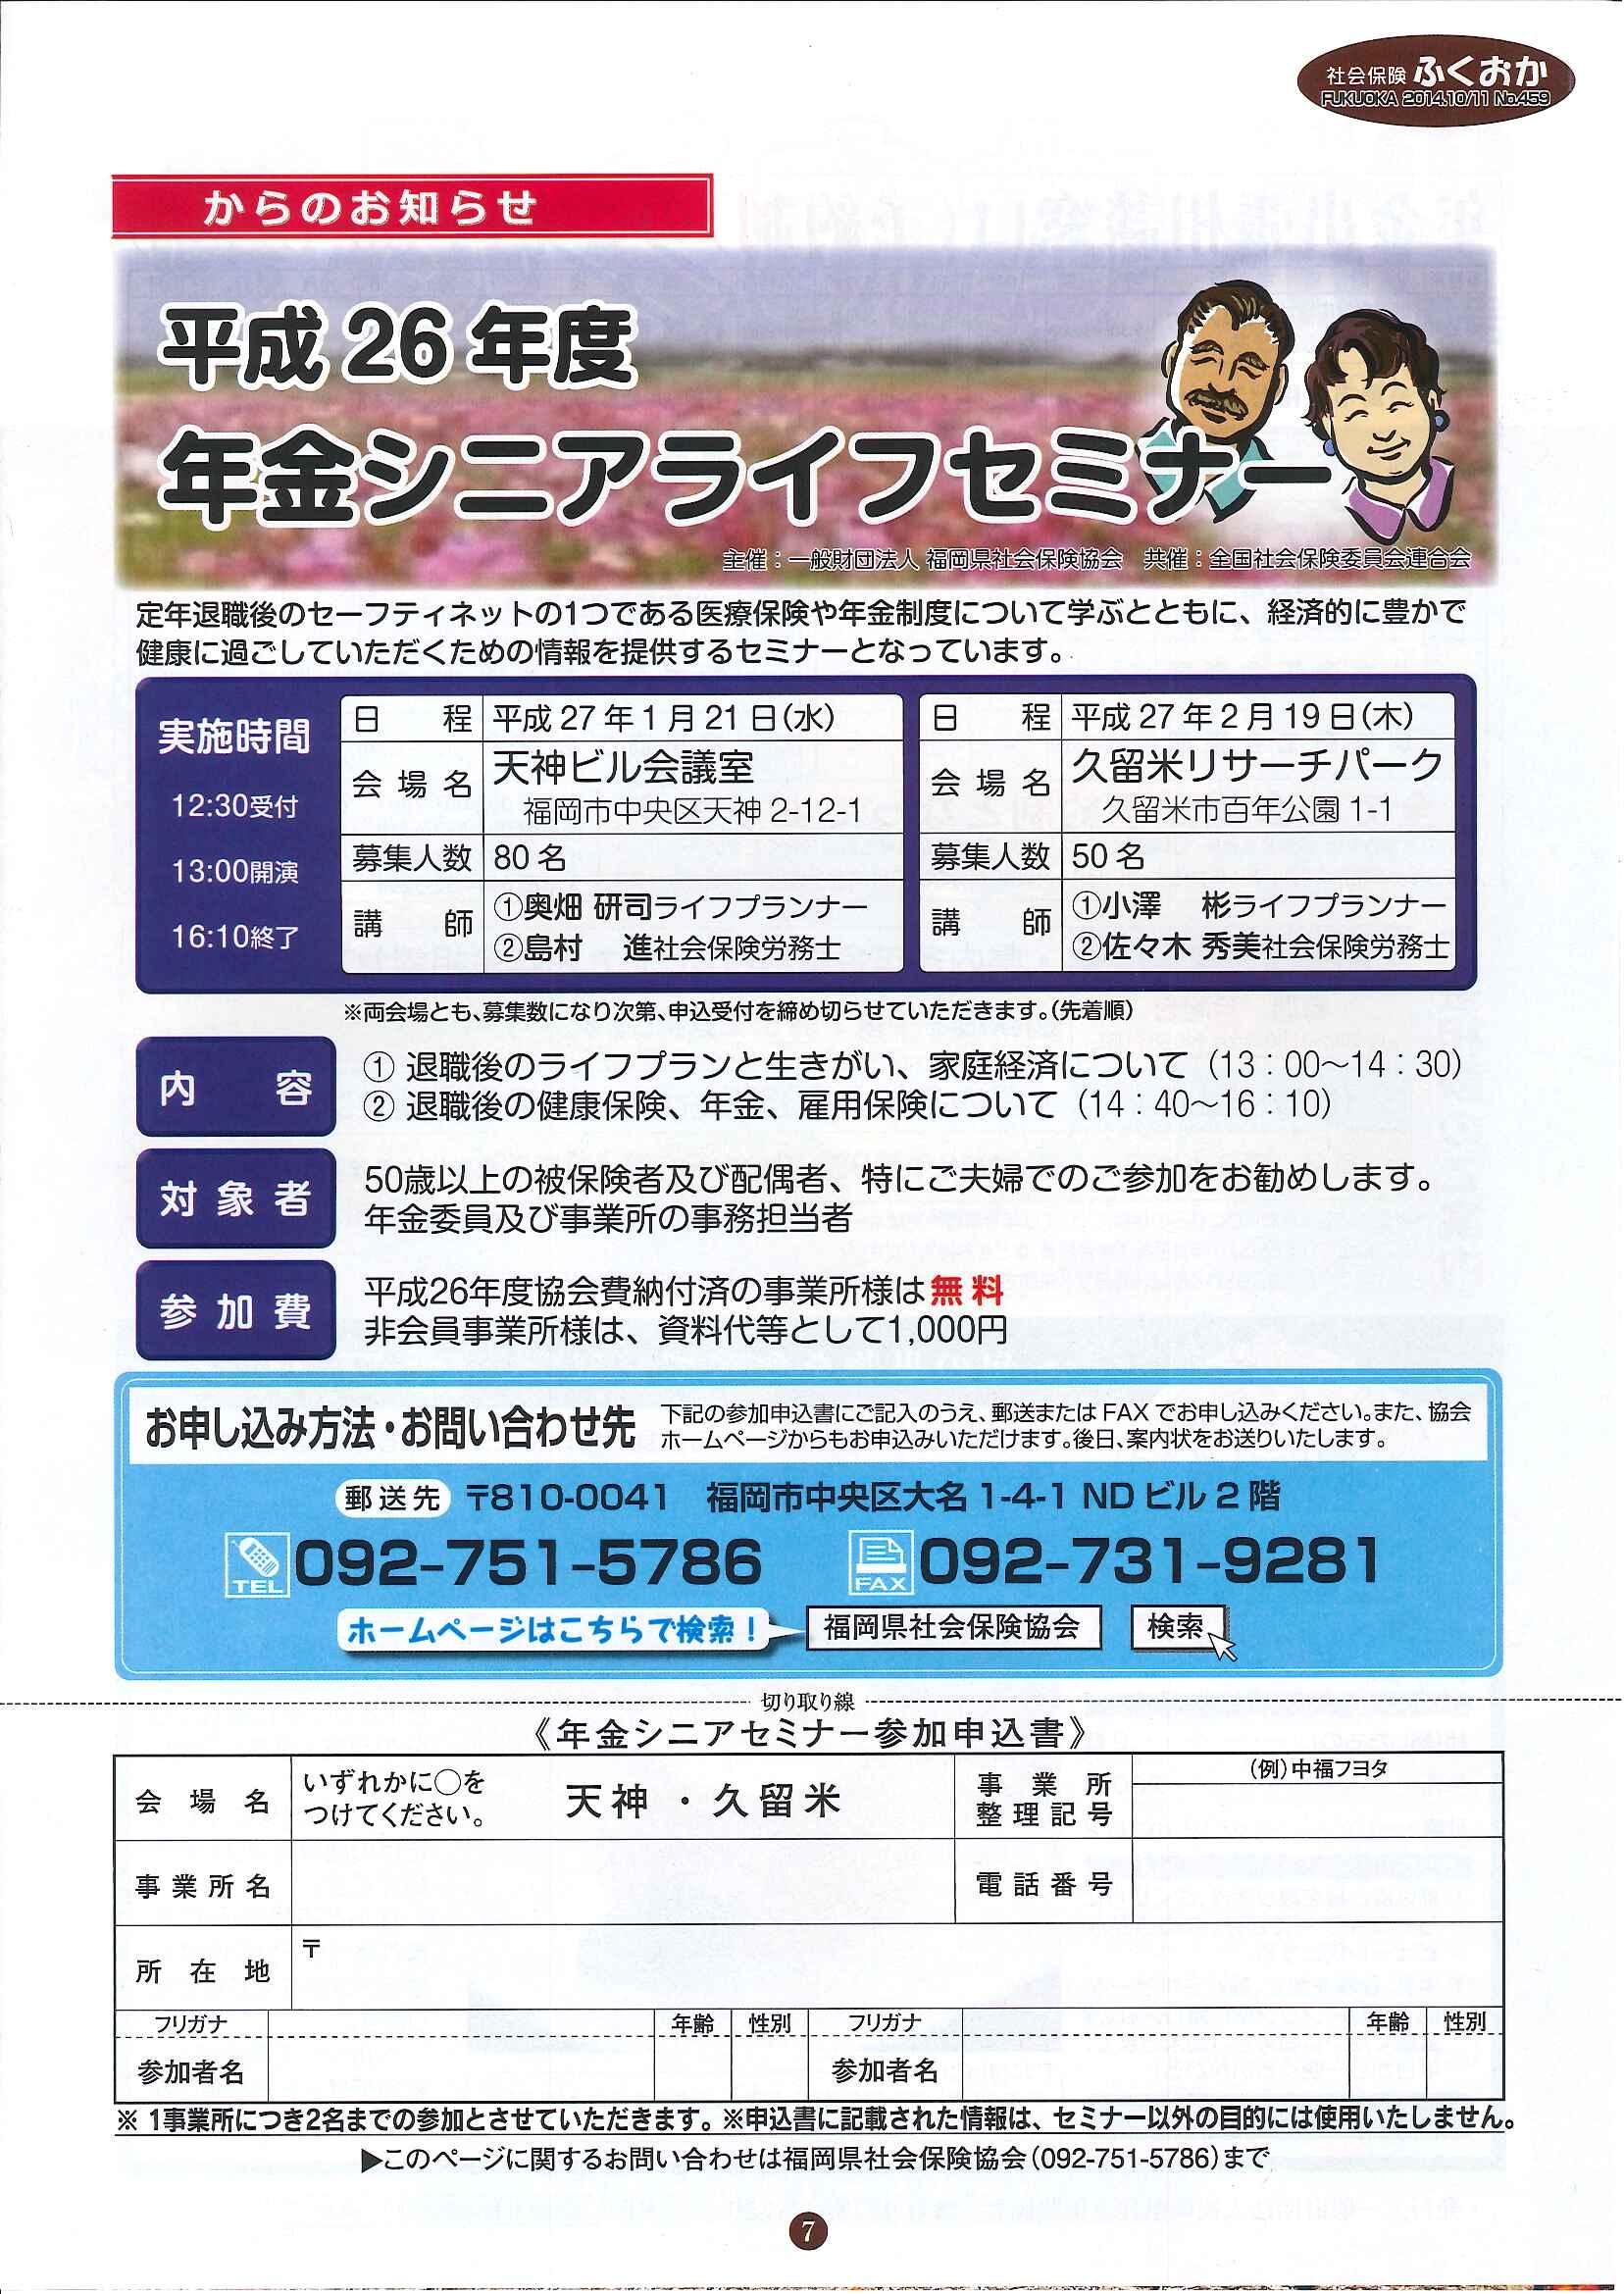 社会保険 「ふくおか」 2014年10・11月号_f0120774_150869.jpg